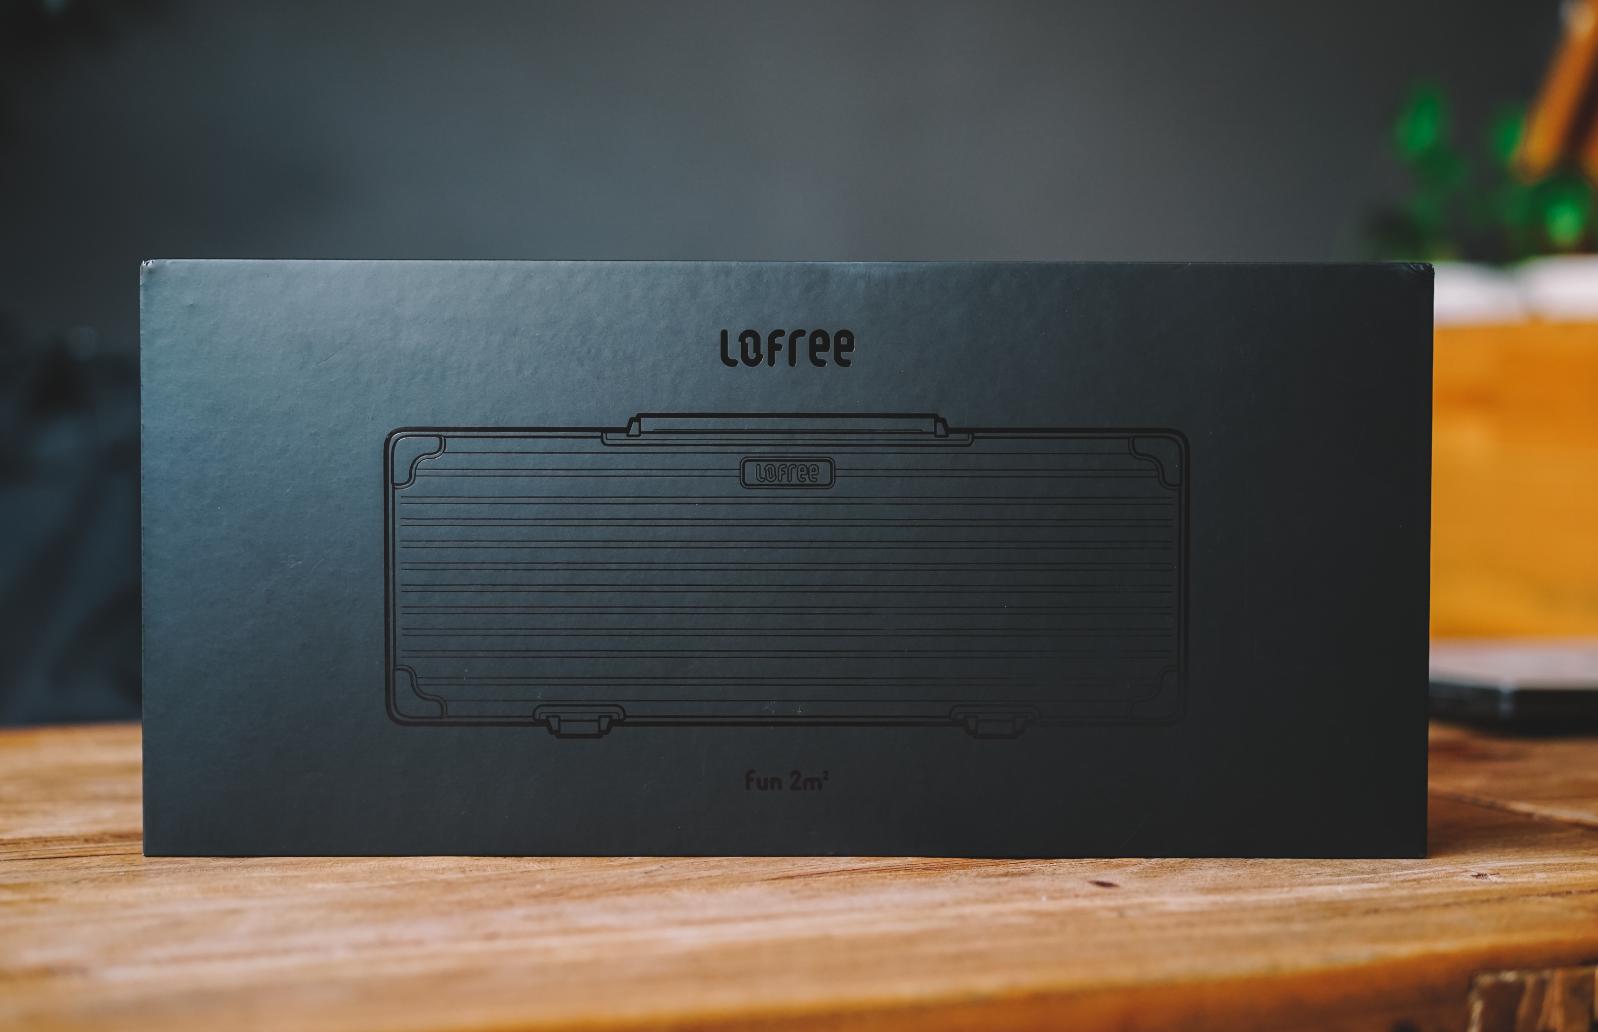 图片[3]-以浪为名,Lofree洛斐小浪蓝牙机械键盘适合外出携带的小机械键盘-G-Suite